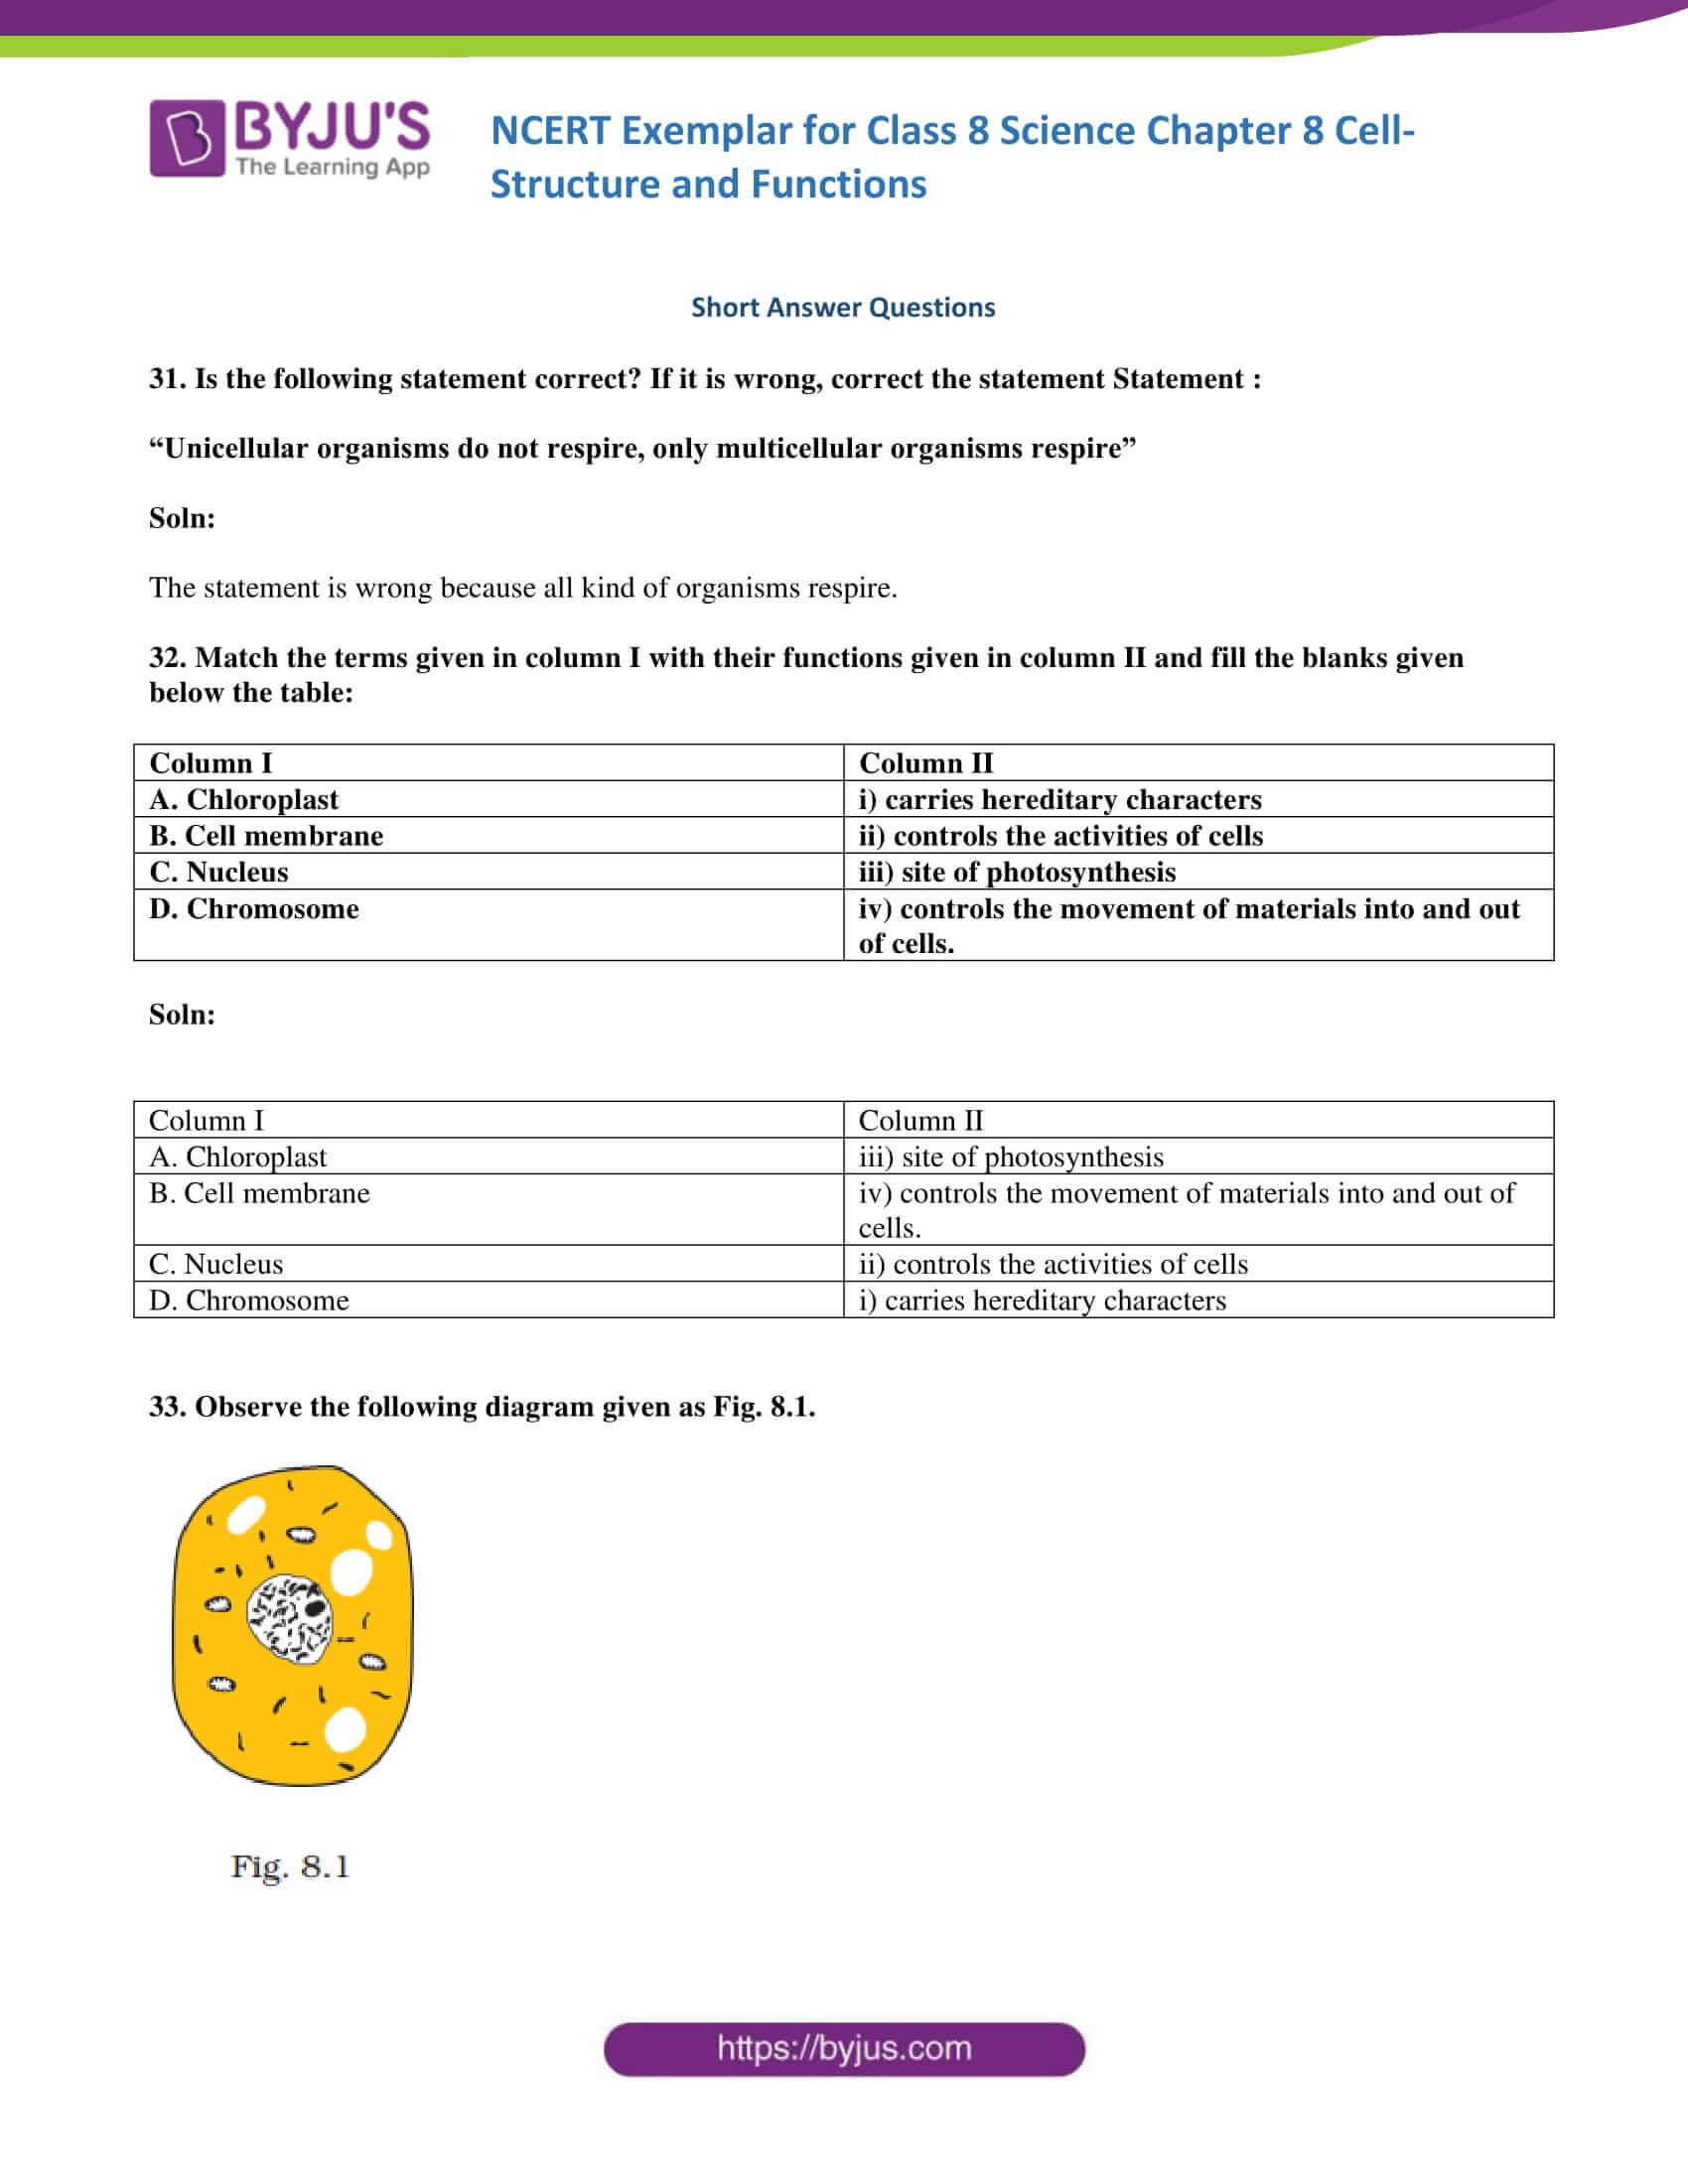 NCERT Exemplar solution class 8 Science Chapter 8 10